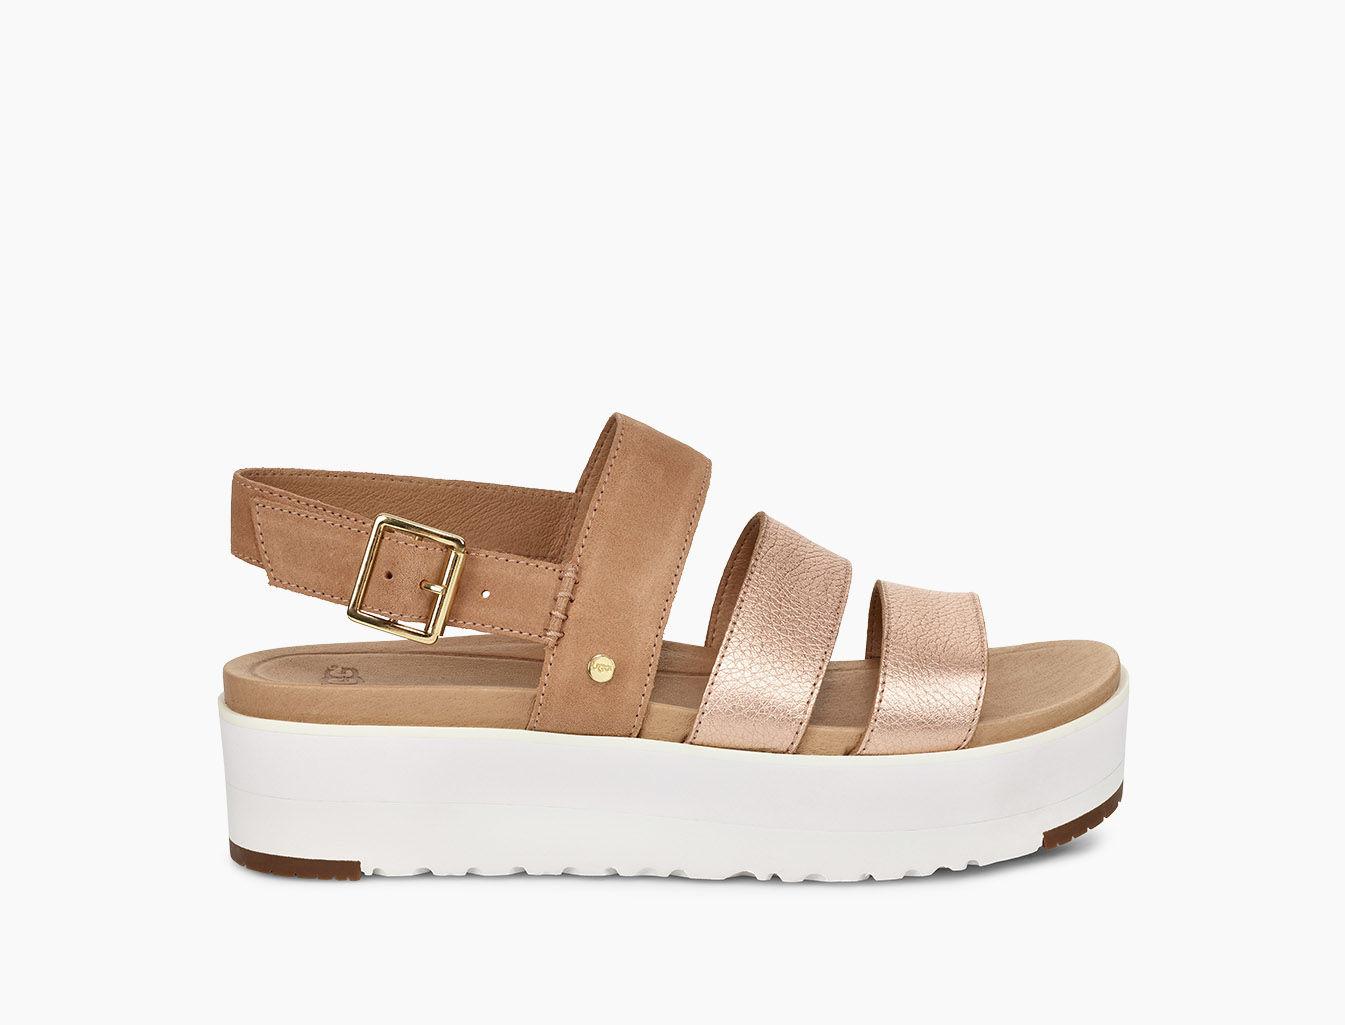 c1a5fde20ee Braelynn Metallic Sandal